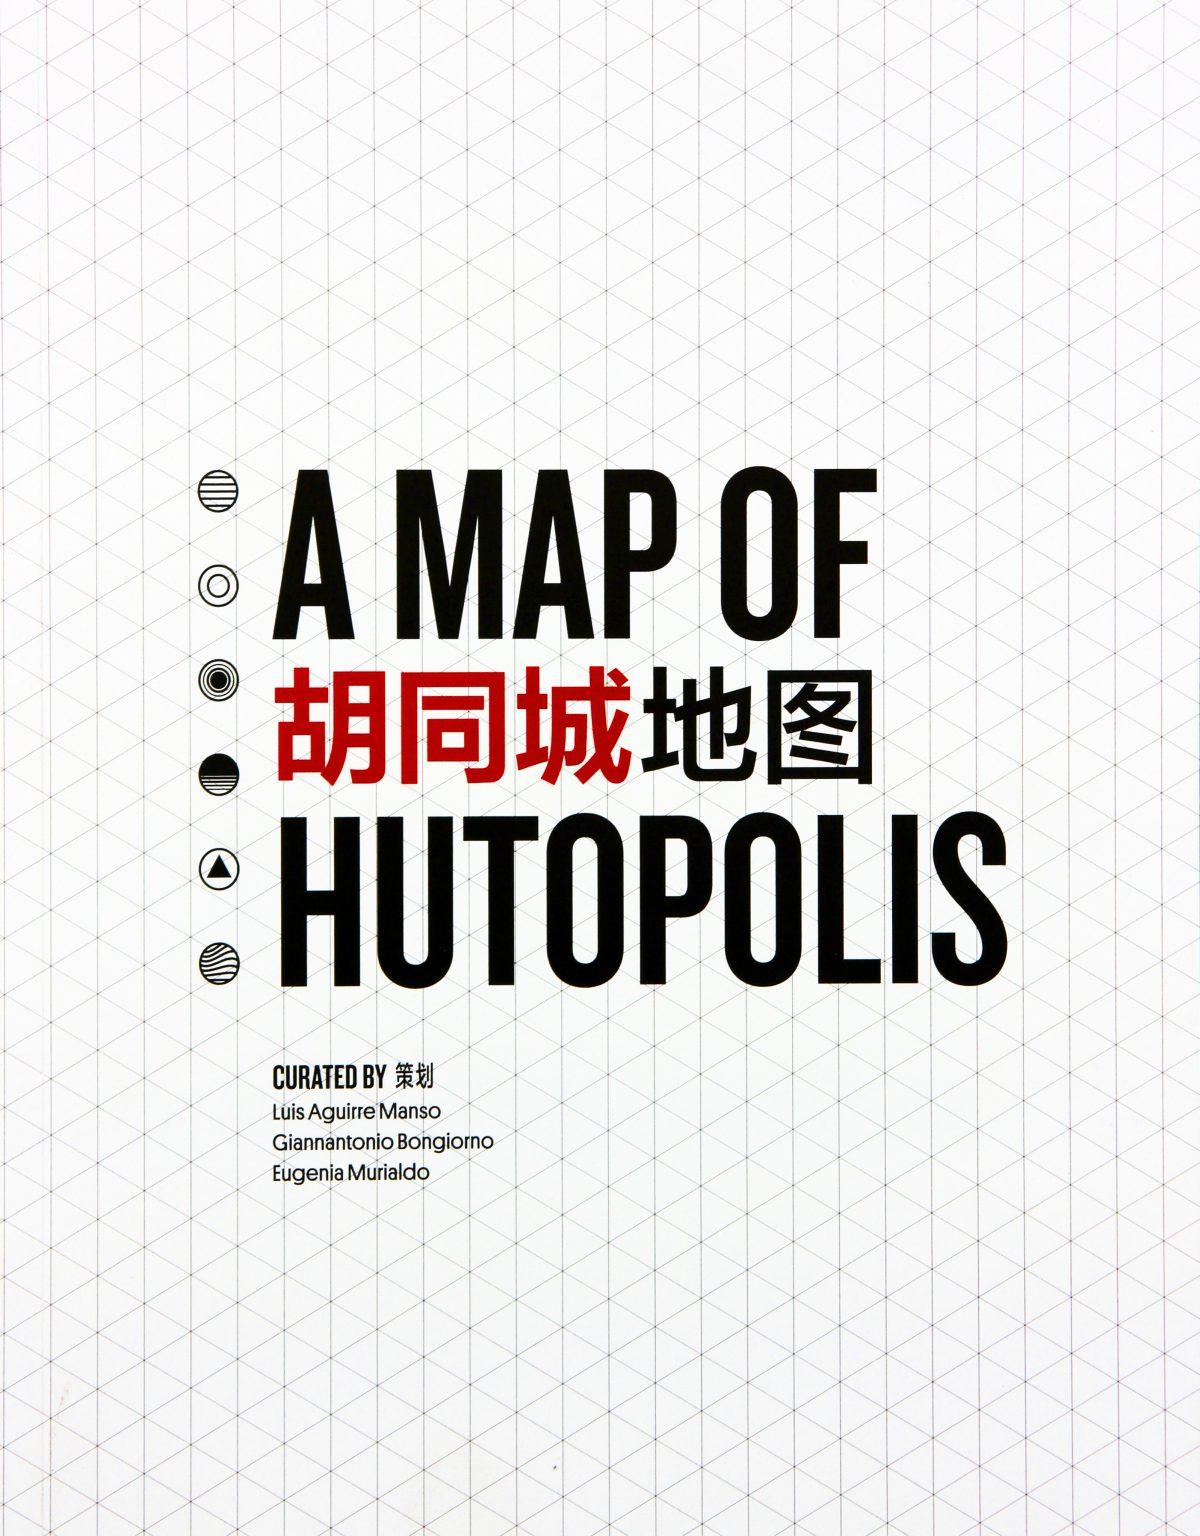 A_map_of_hutopolis